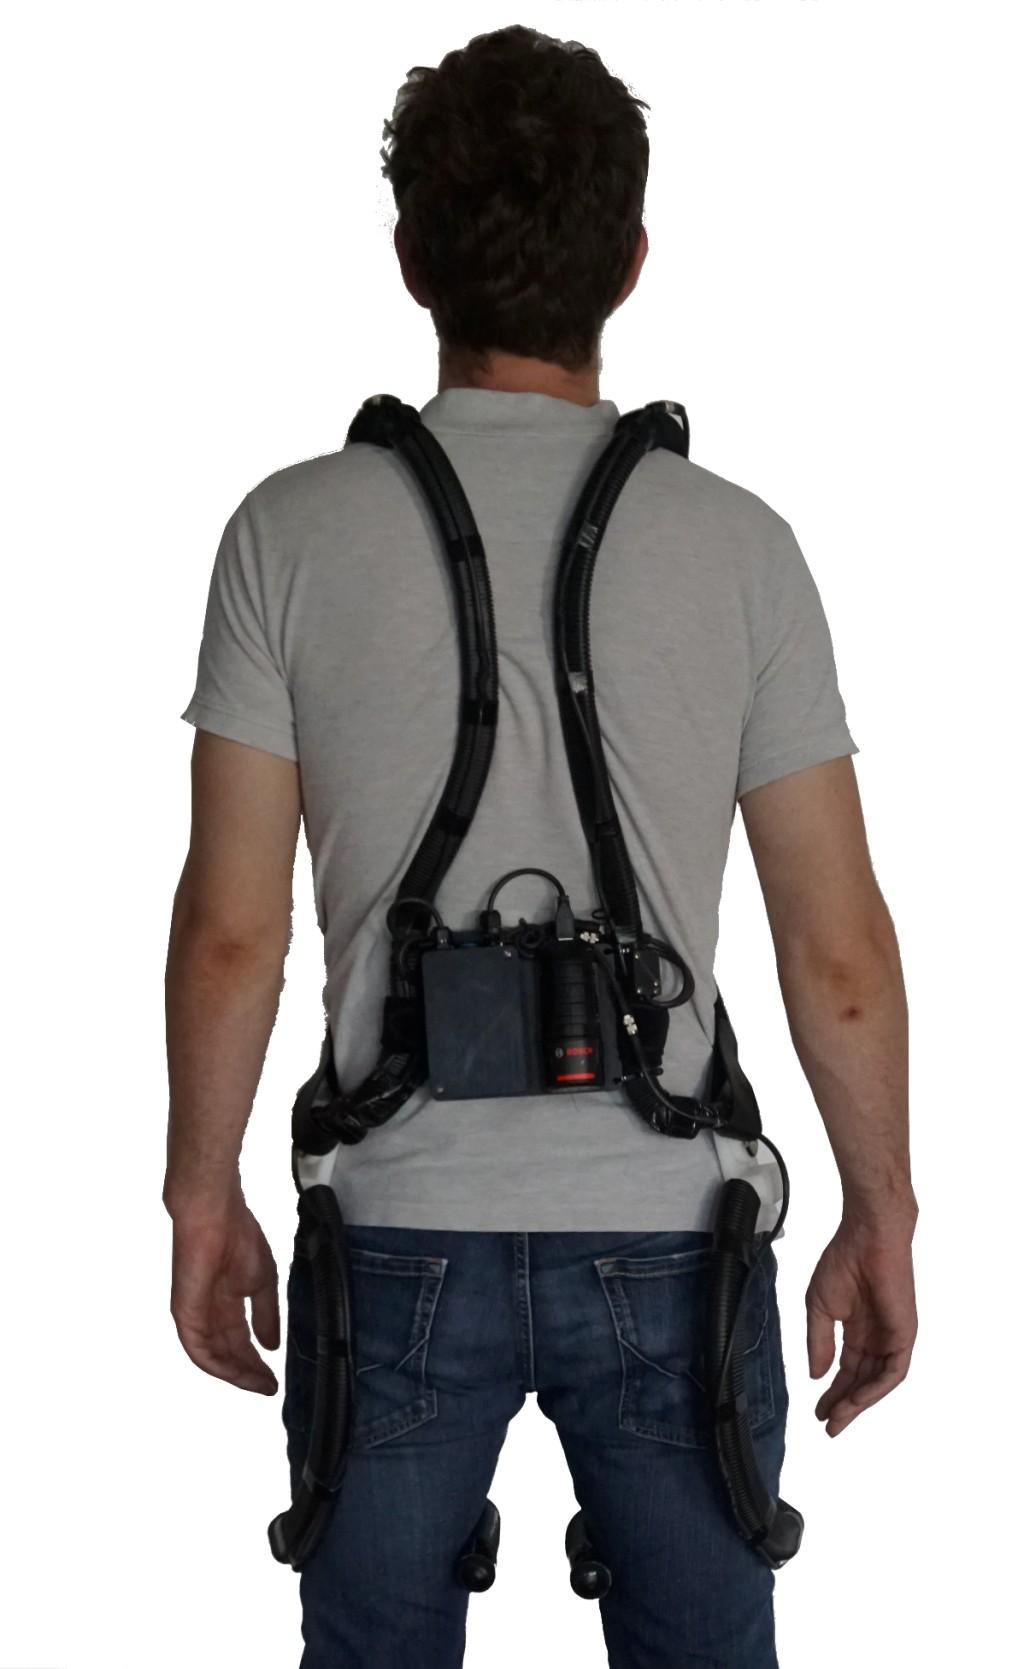 """Intelligente """"CareJack Spine and Hip"""" mit Bewegungserkennung, Echtzeitfeedback und Kraftübertragung Bild: Fraunhofer IP"""